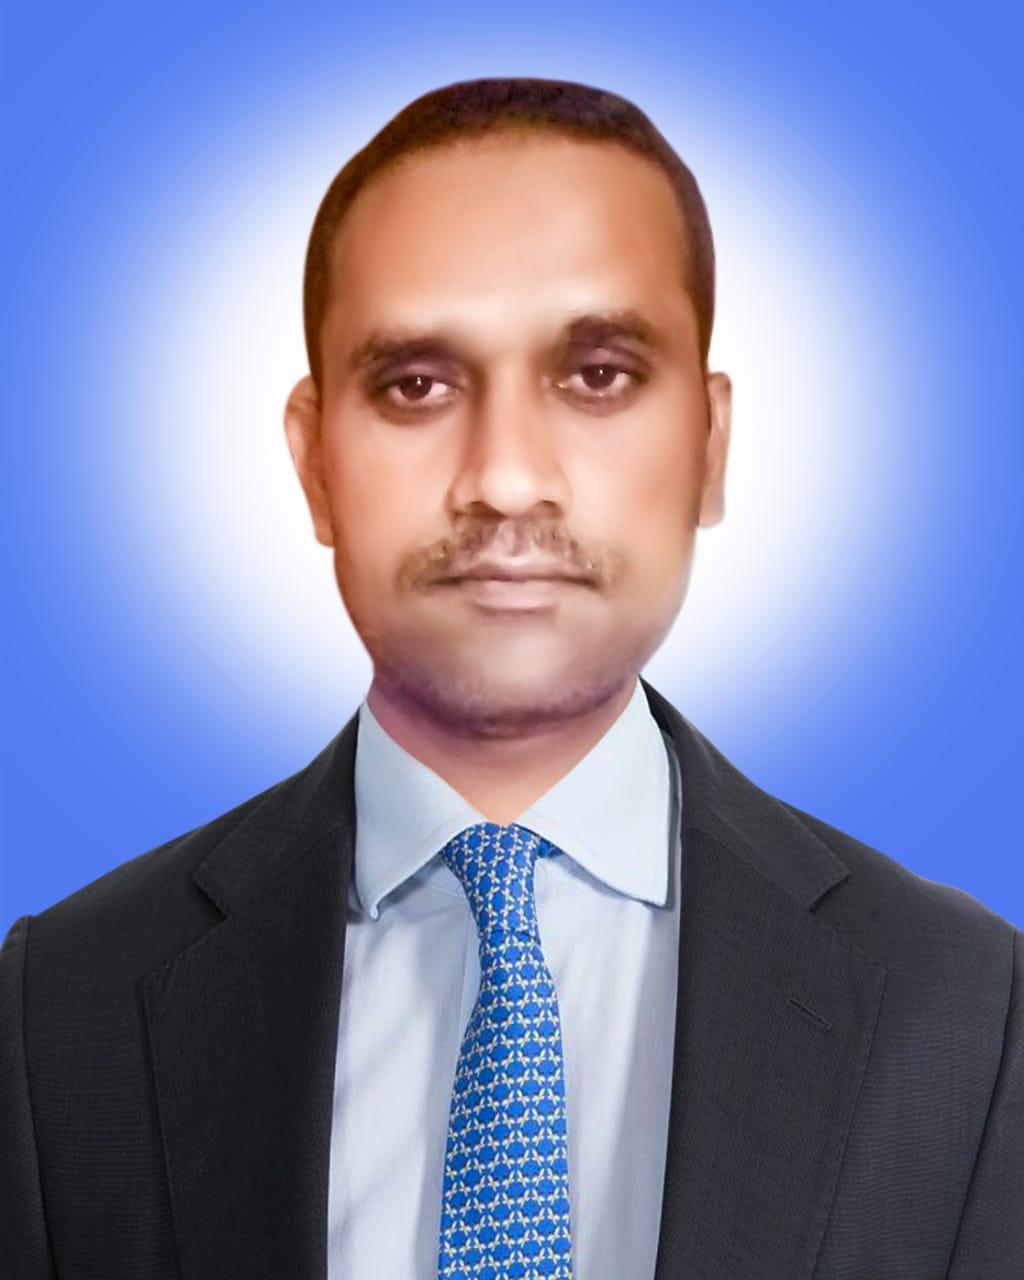 Dr. Dillibabu J